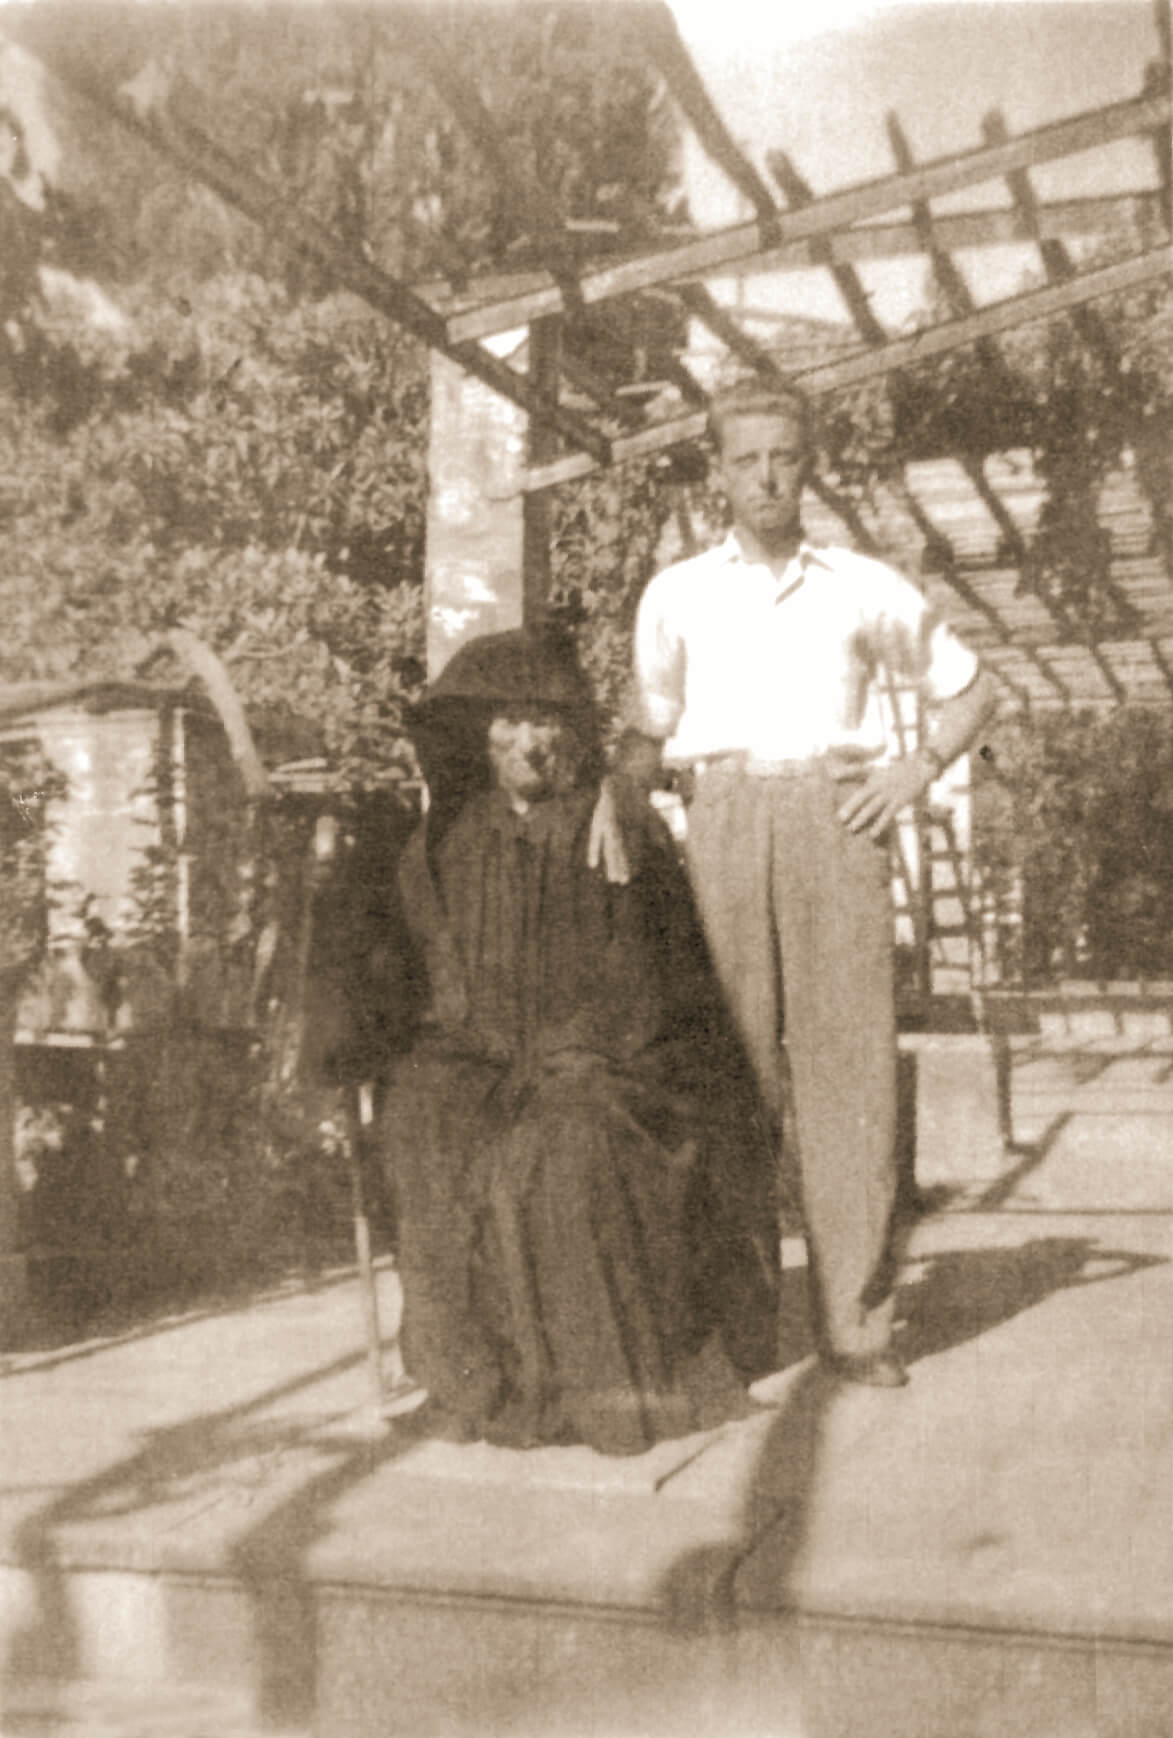 Ὁ ἅγιος Νικηφόρος φωτογραφημένος μαζί μέ τόν νεαρό Θεόδωρο, στήν Χίο.